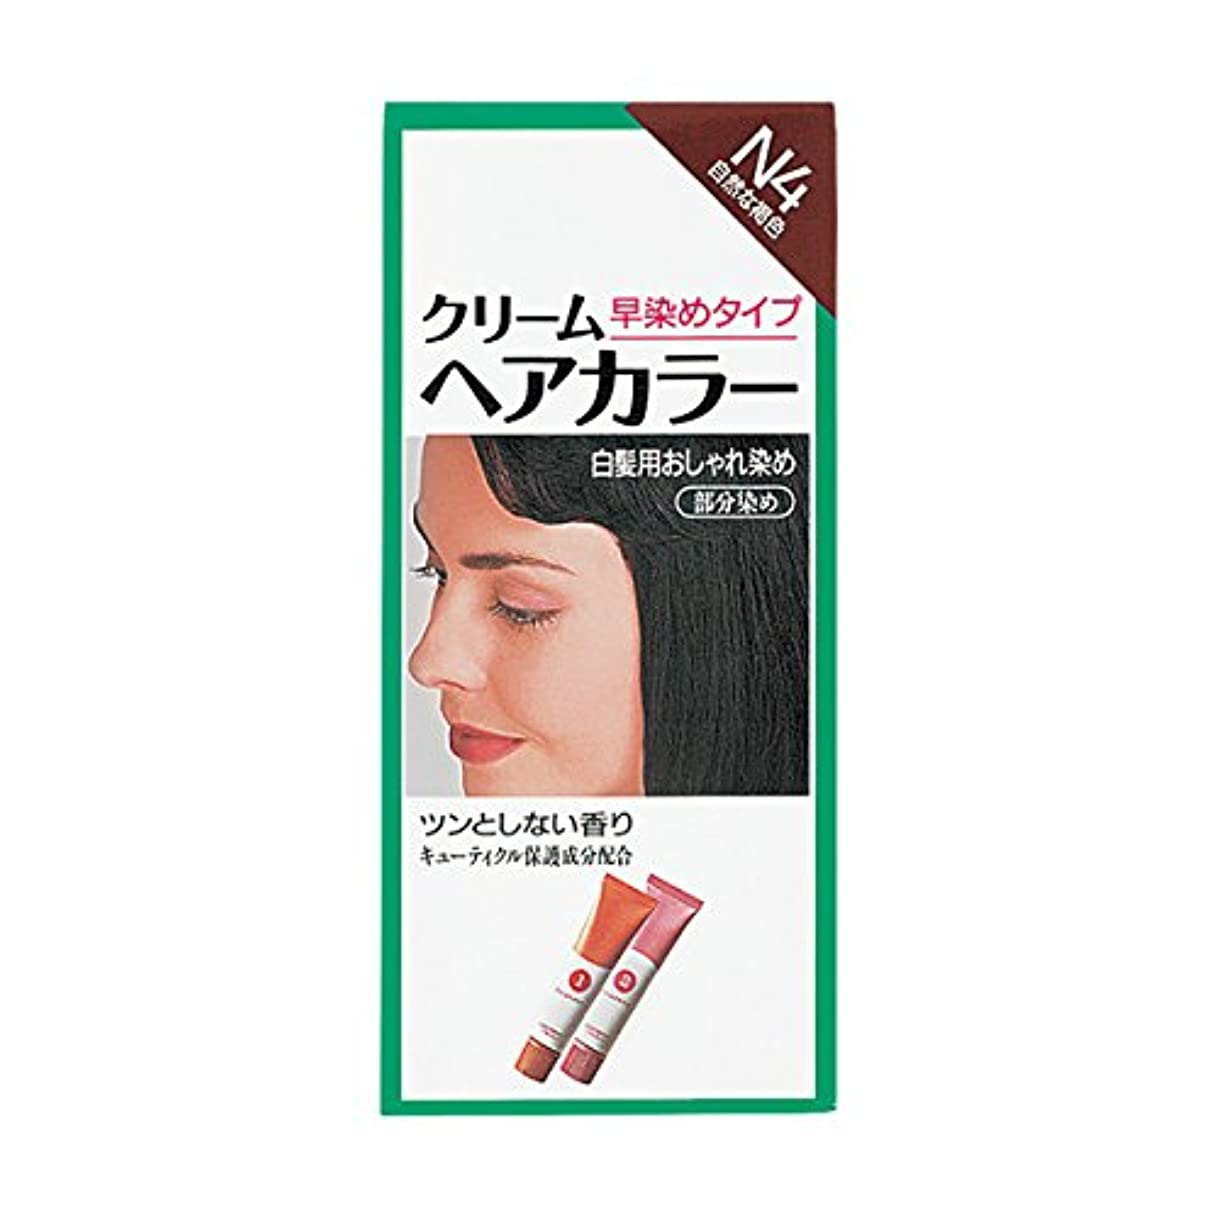 失う見るチェスをするヘアカラー クリームヘアカラーN N4 【医薬部外品】